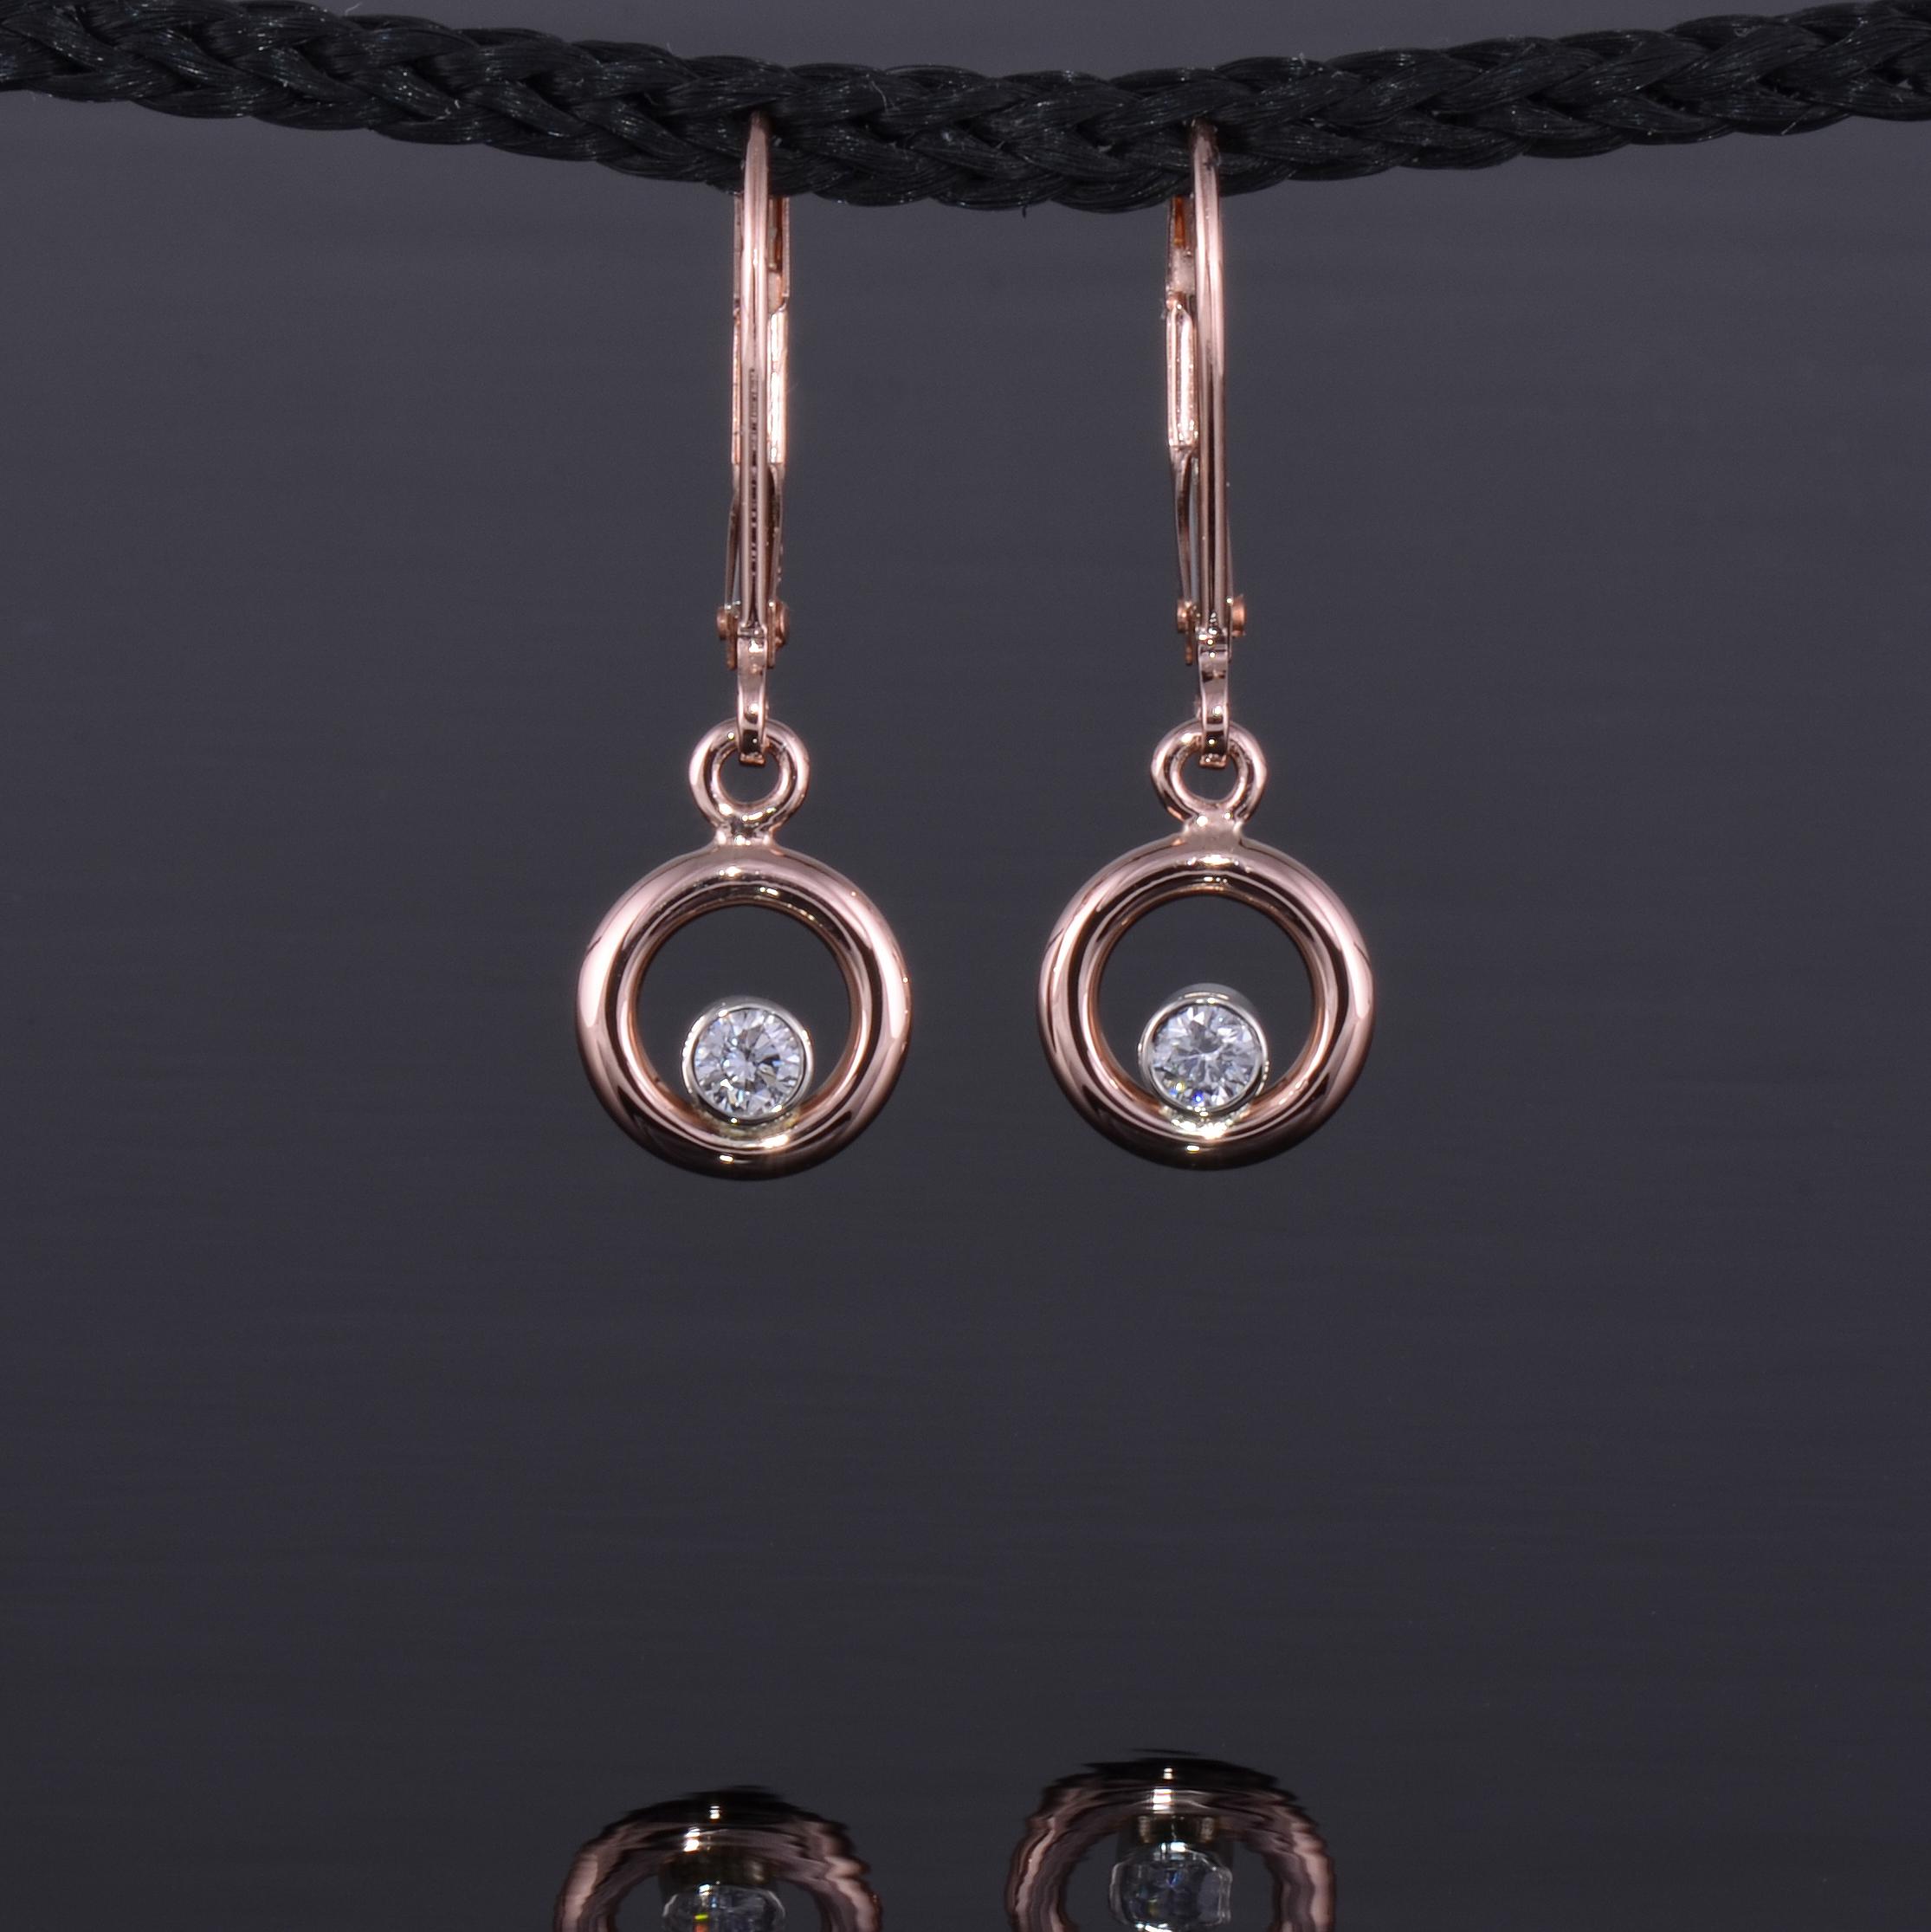 8mm phi  earring rose gold